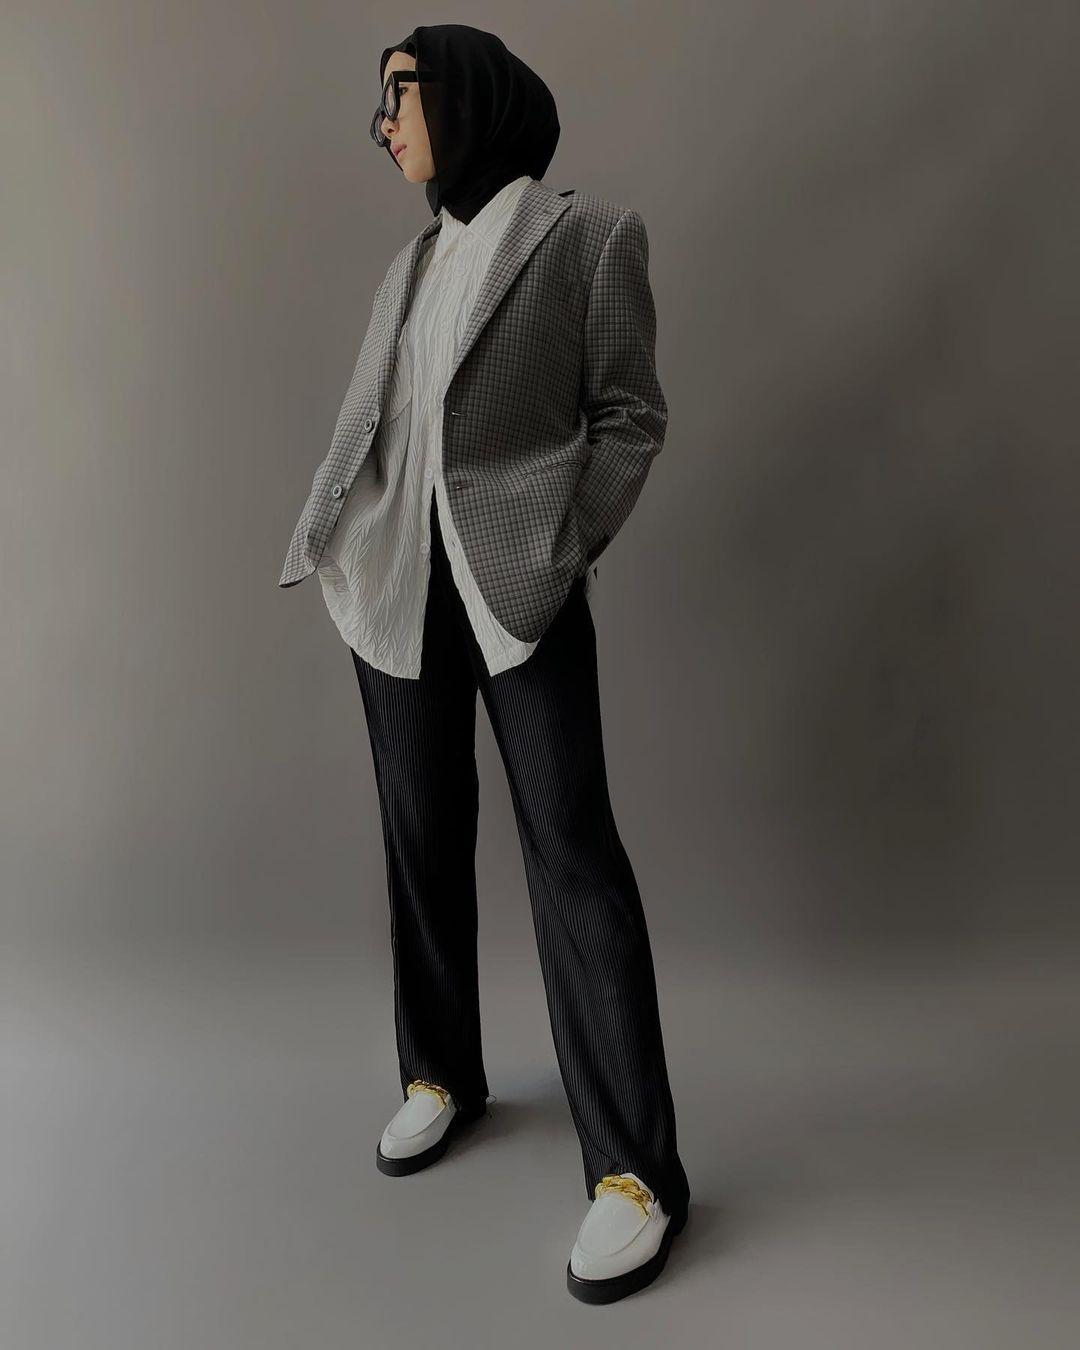 Deretan Fashion Item untuk Cewek Hijab yang Ingin Tampil Boyish